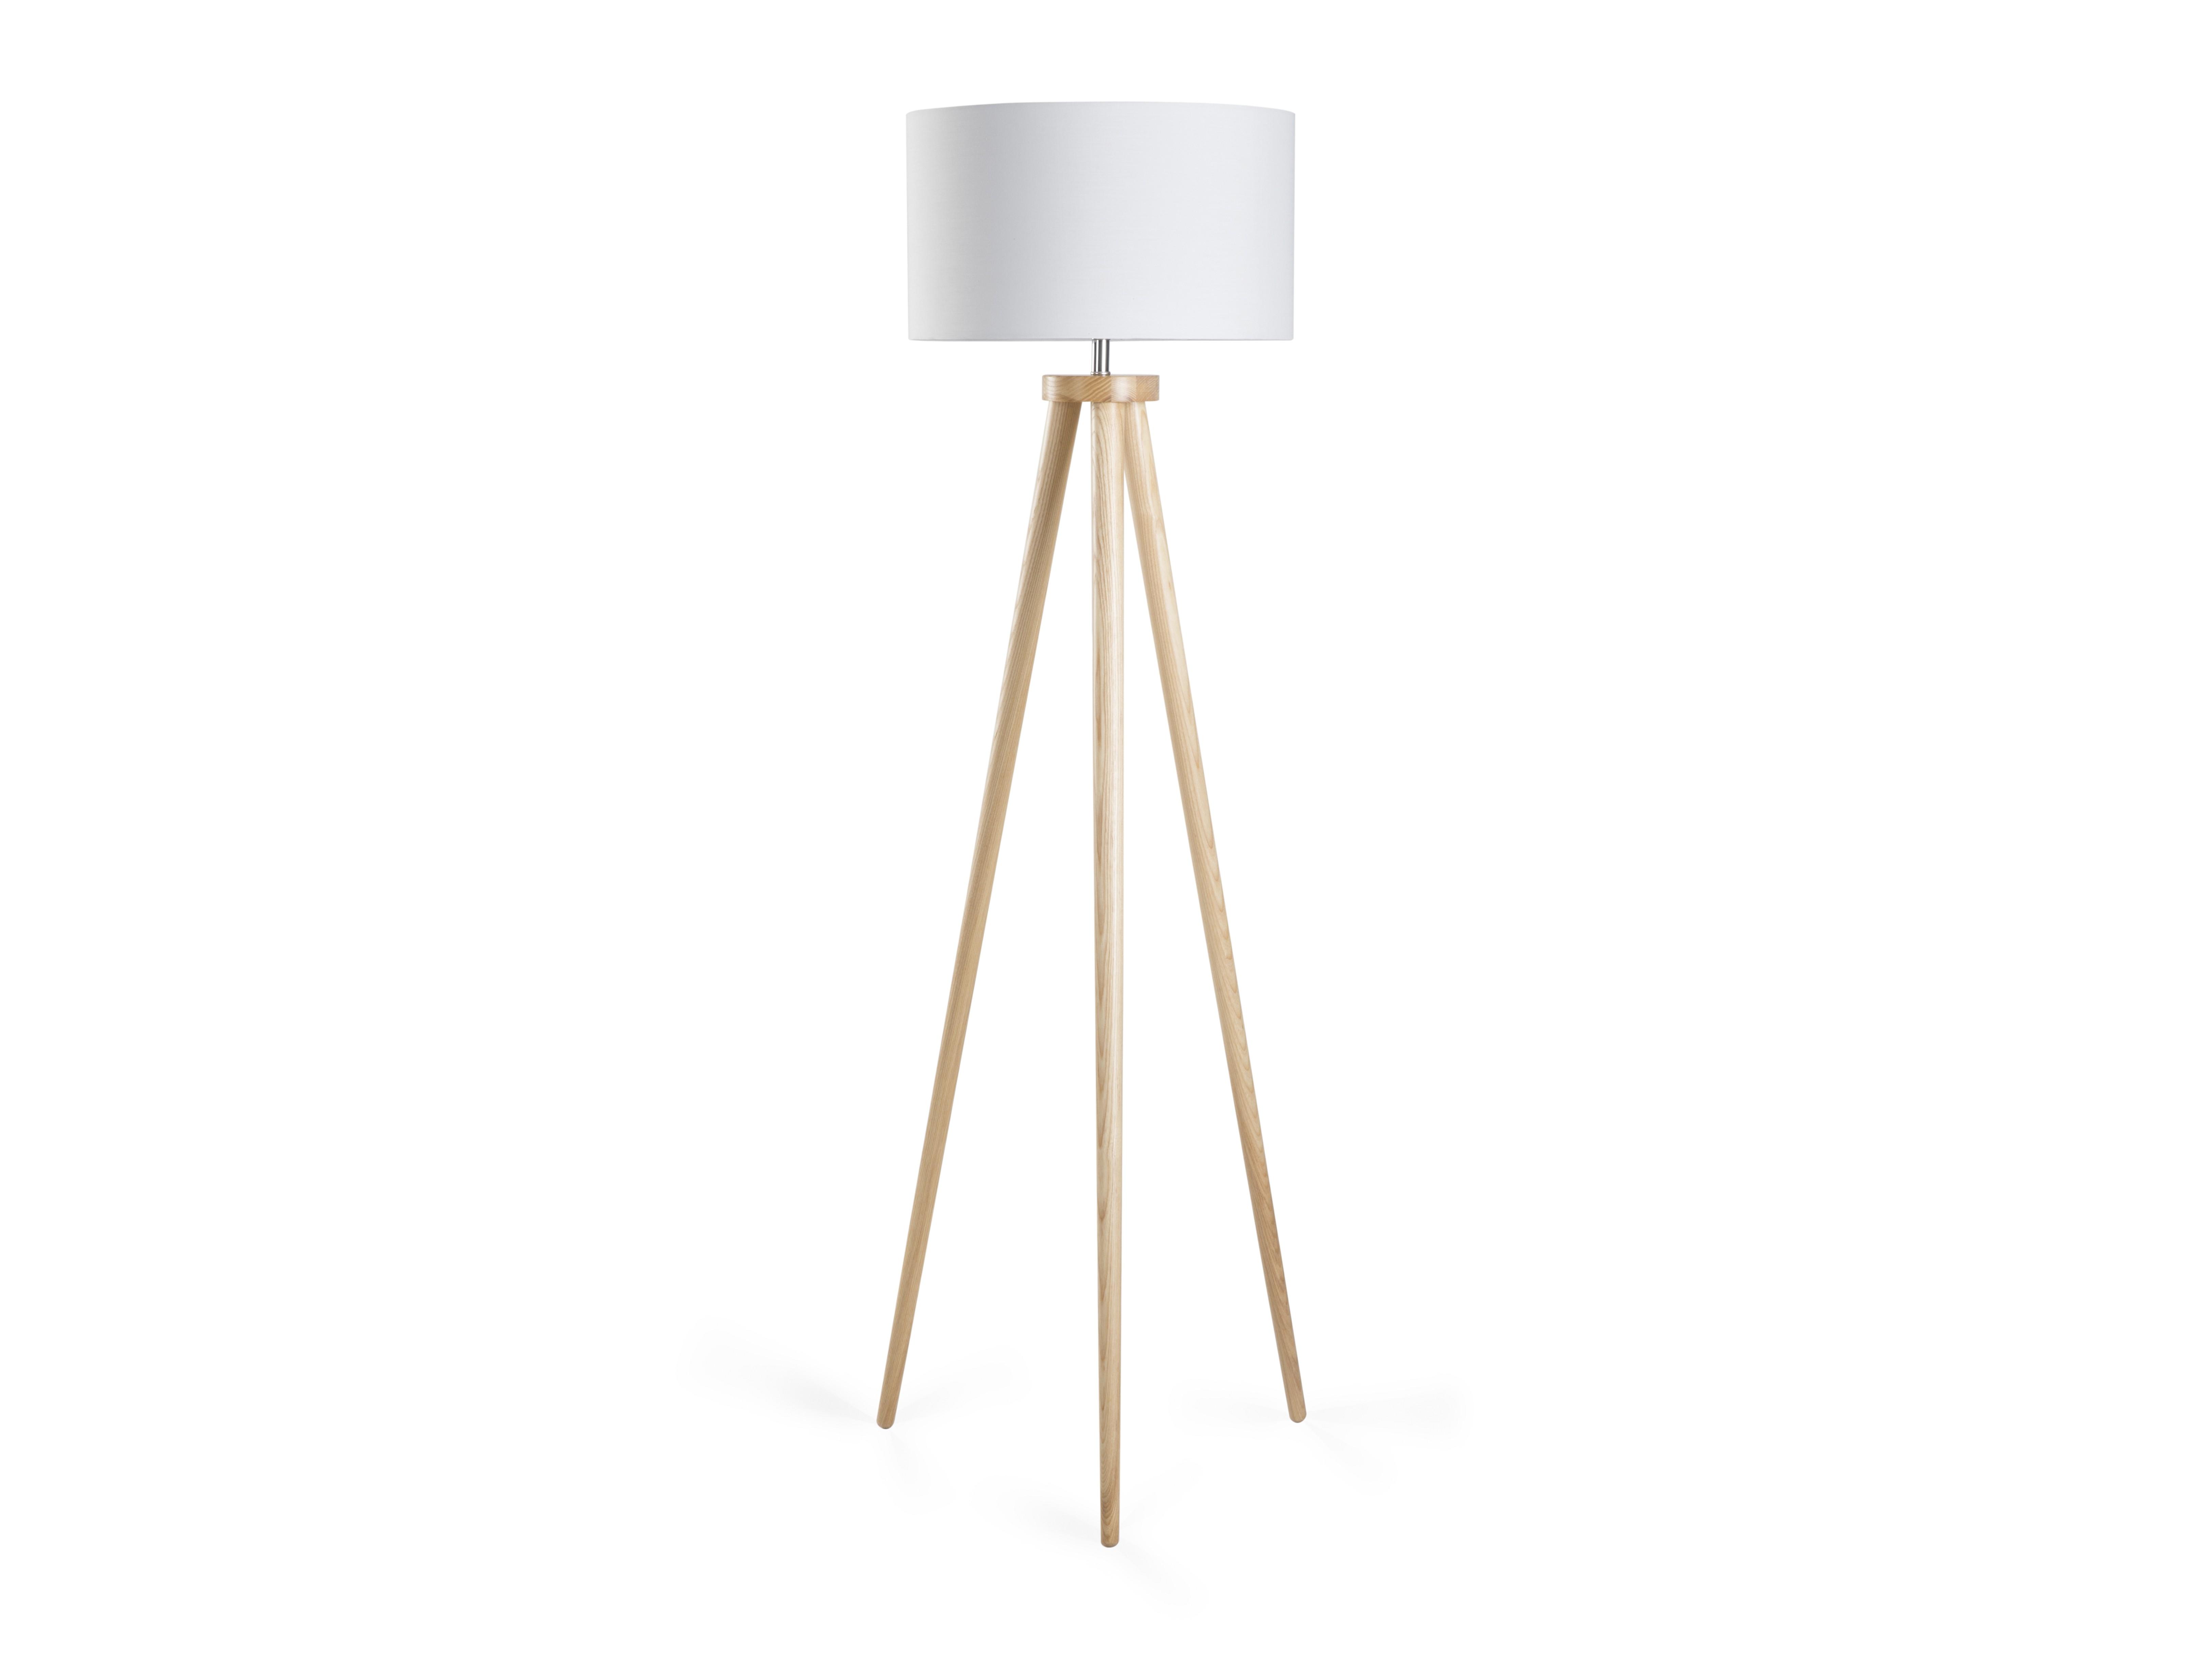 Et Fly Idée Lampe Chevet Luminaire De Maison c5Rjq3L4A